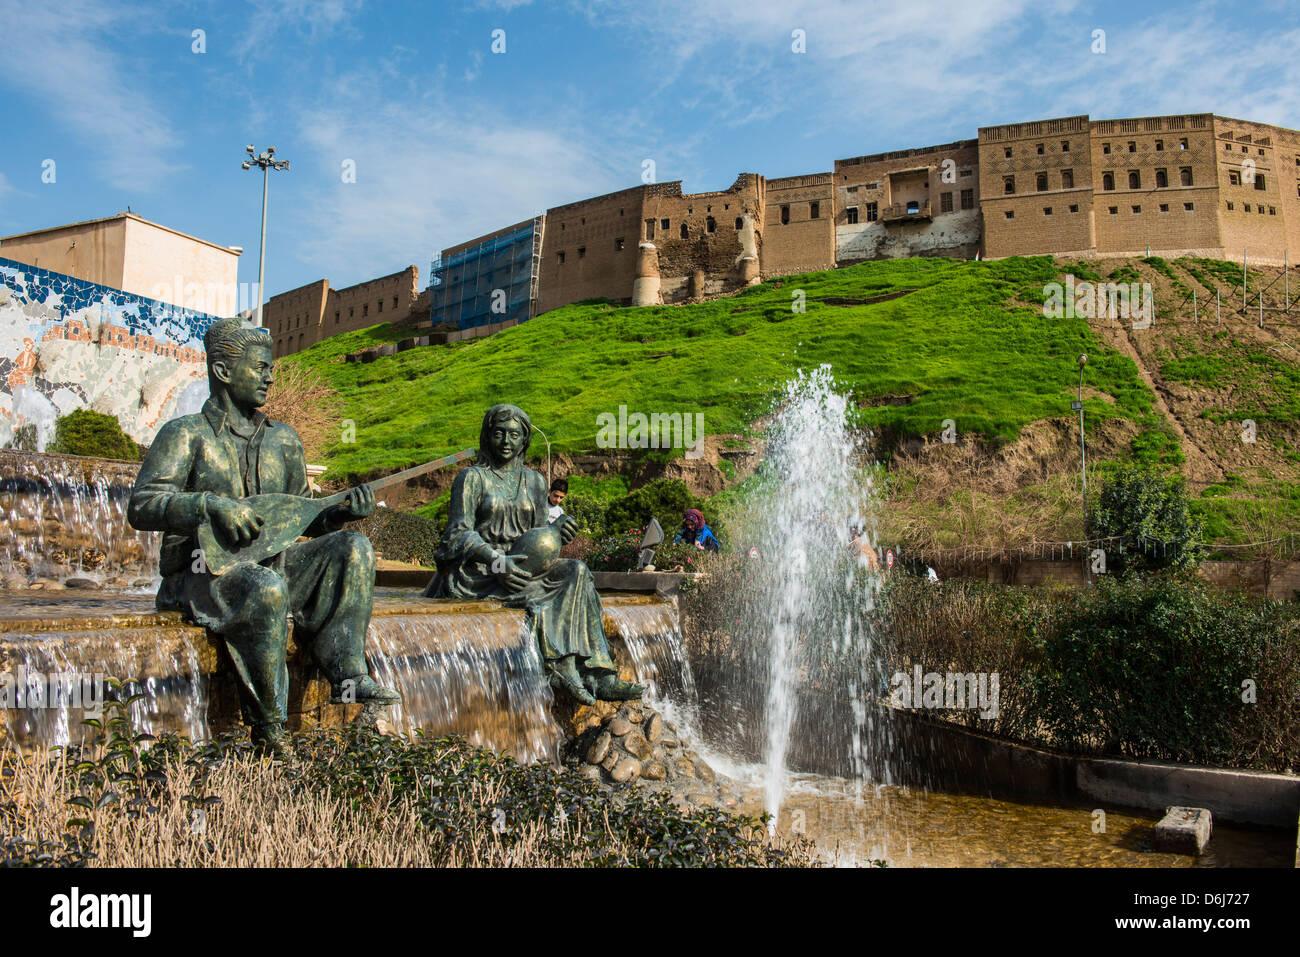 Statuen und Brunnen unterhalb der Zitadelle von Erbil (Hawler), Hauptstadt von Kurdistan-Irak, Irak, Naher Osten Stockbild